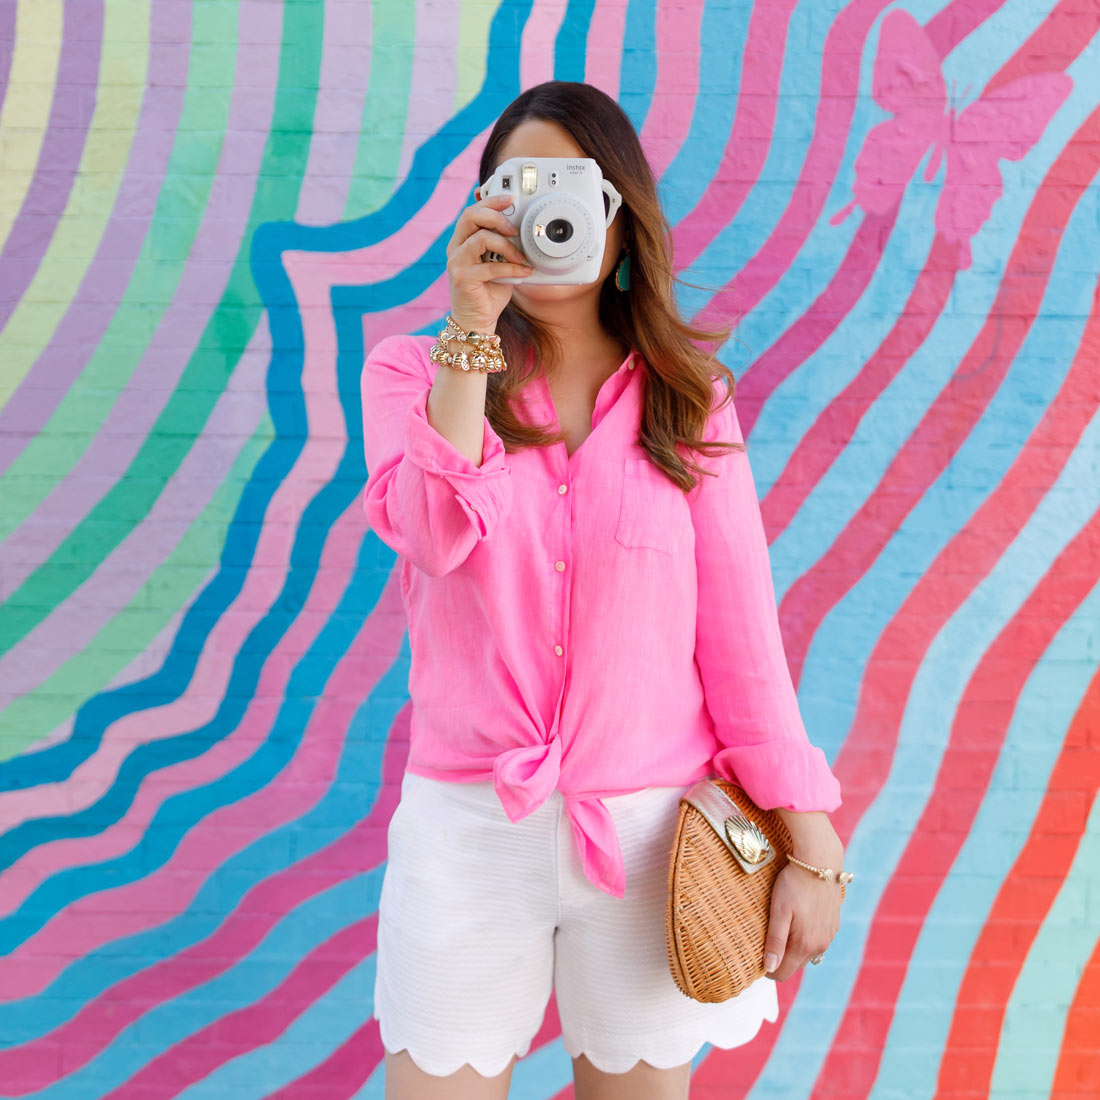 Jennifer Lake Lilly Pulitzer Scallop Shorts